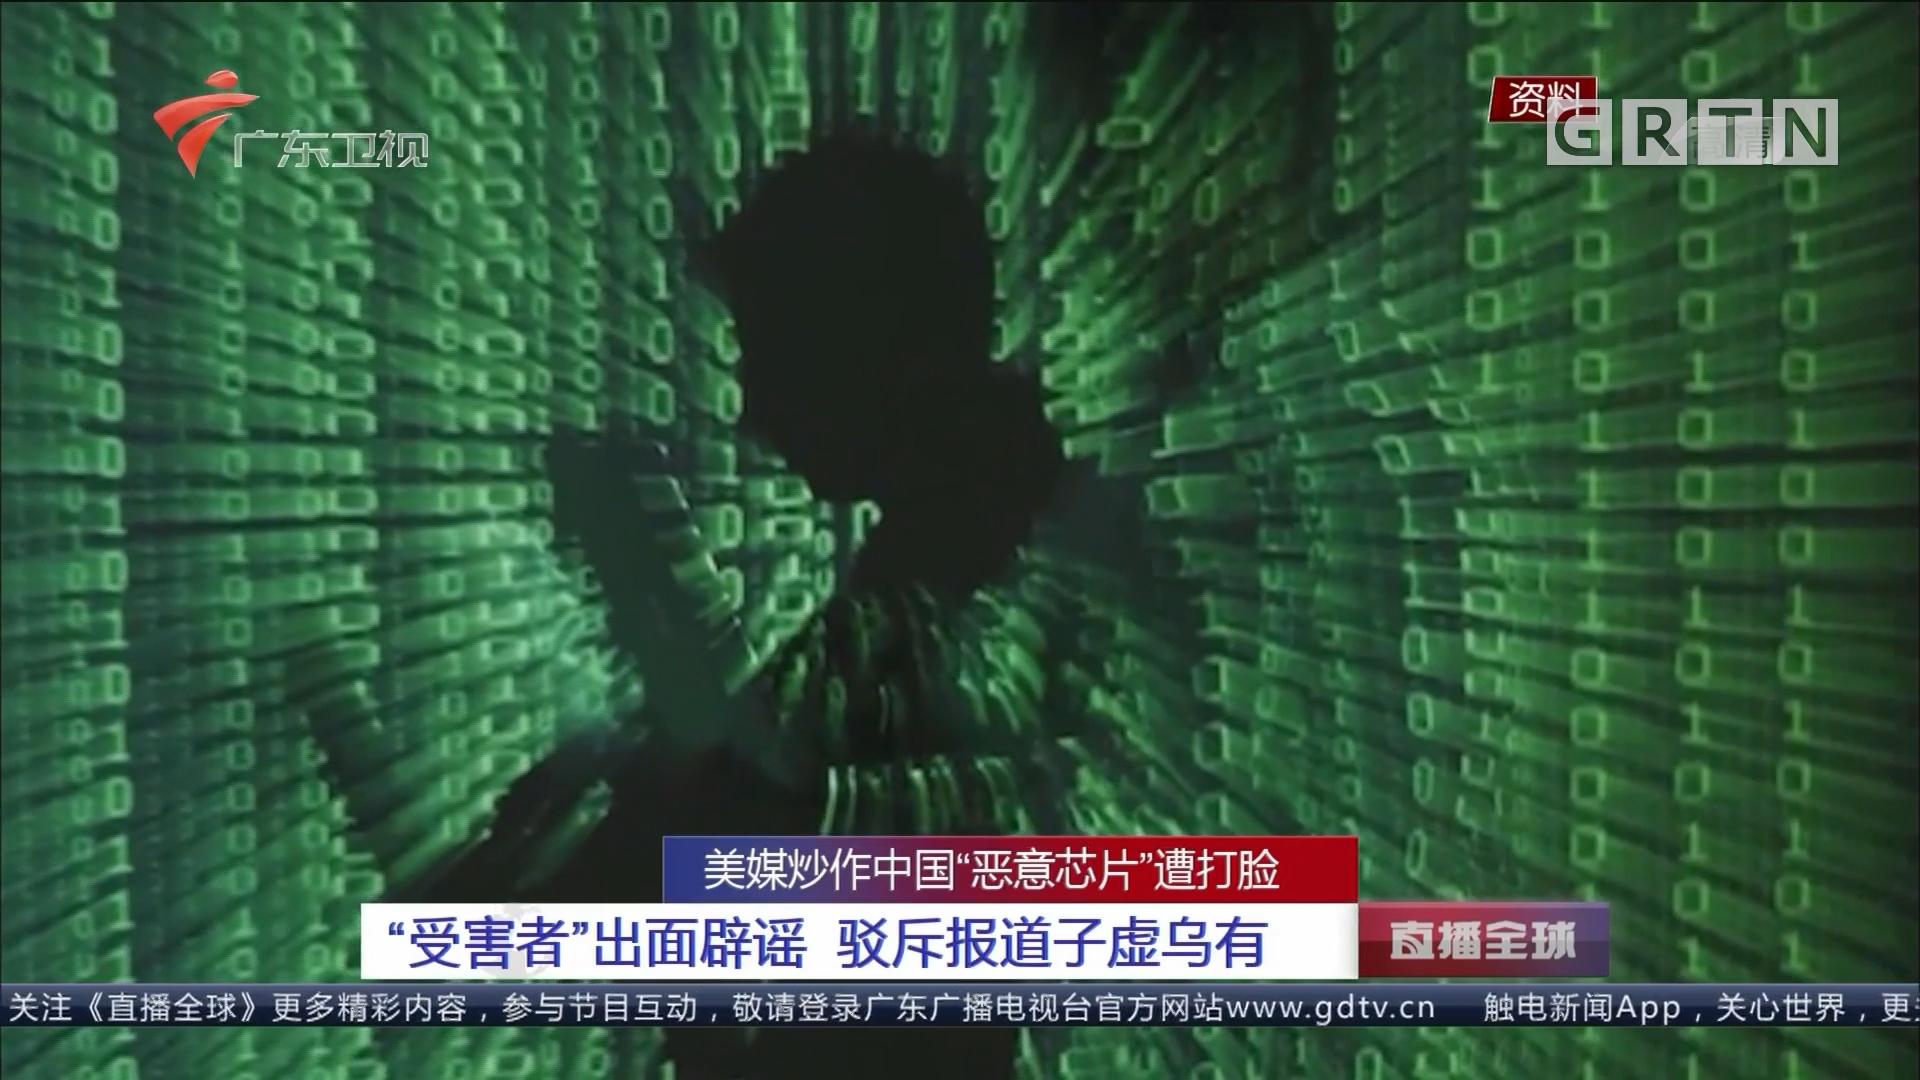 """美媒炒作中国""""恶意芯片""""遭打脸 美国土安全部:无理由怀疑被点名企业的否认声明"""